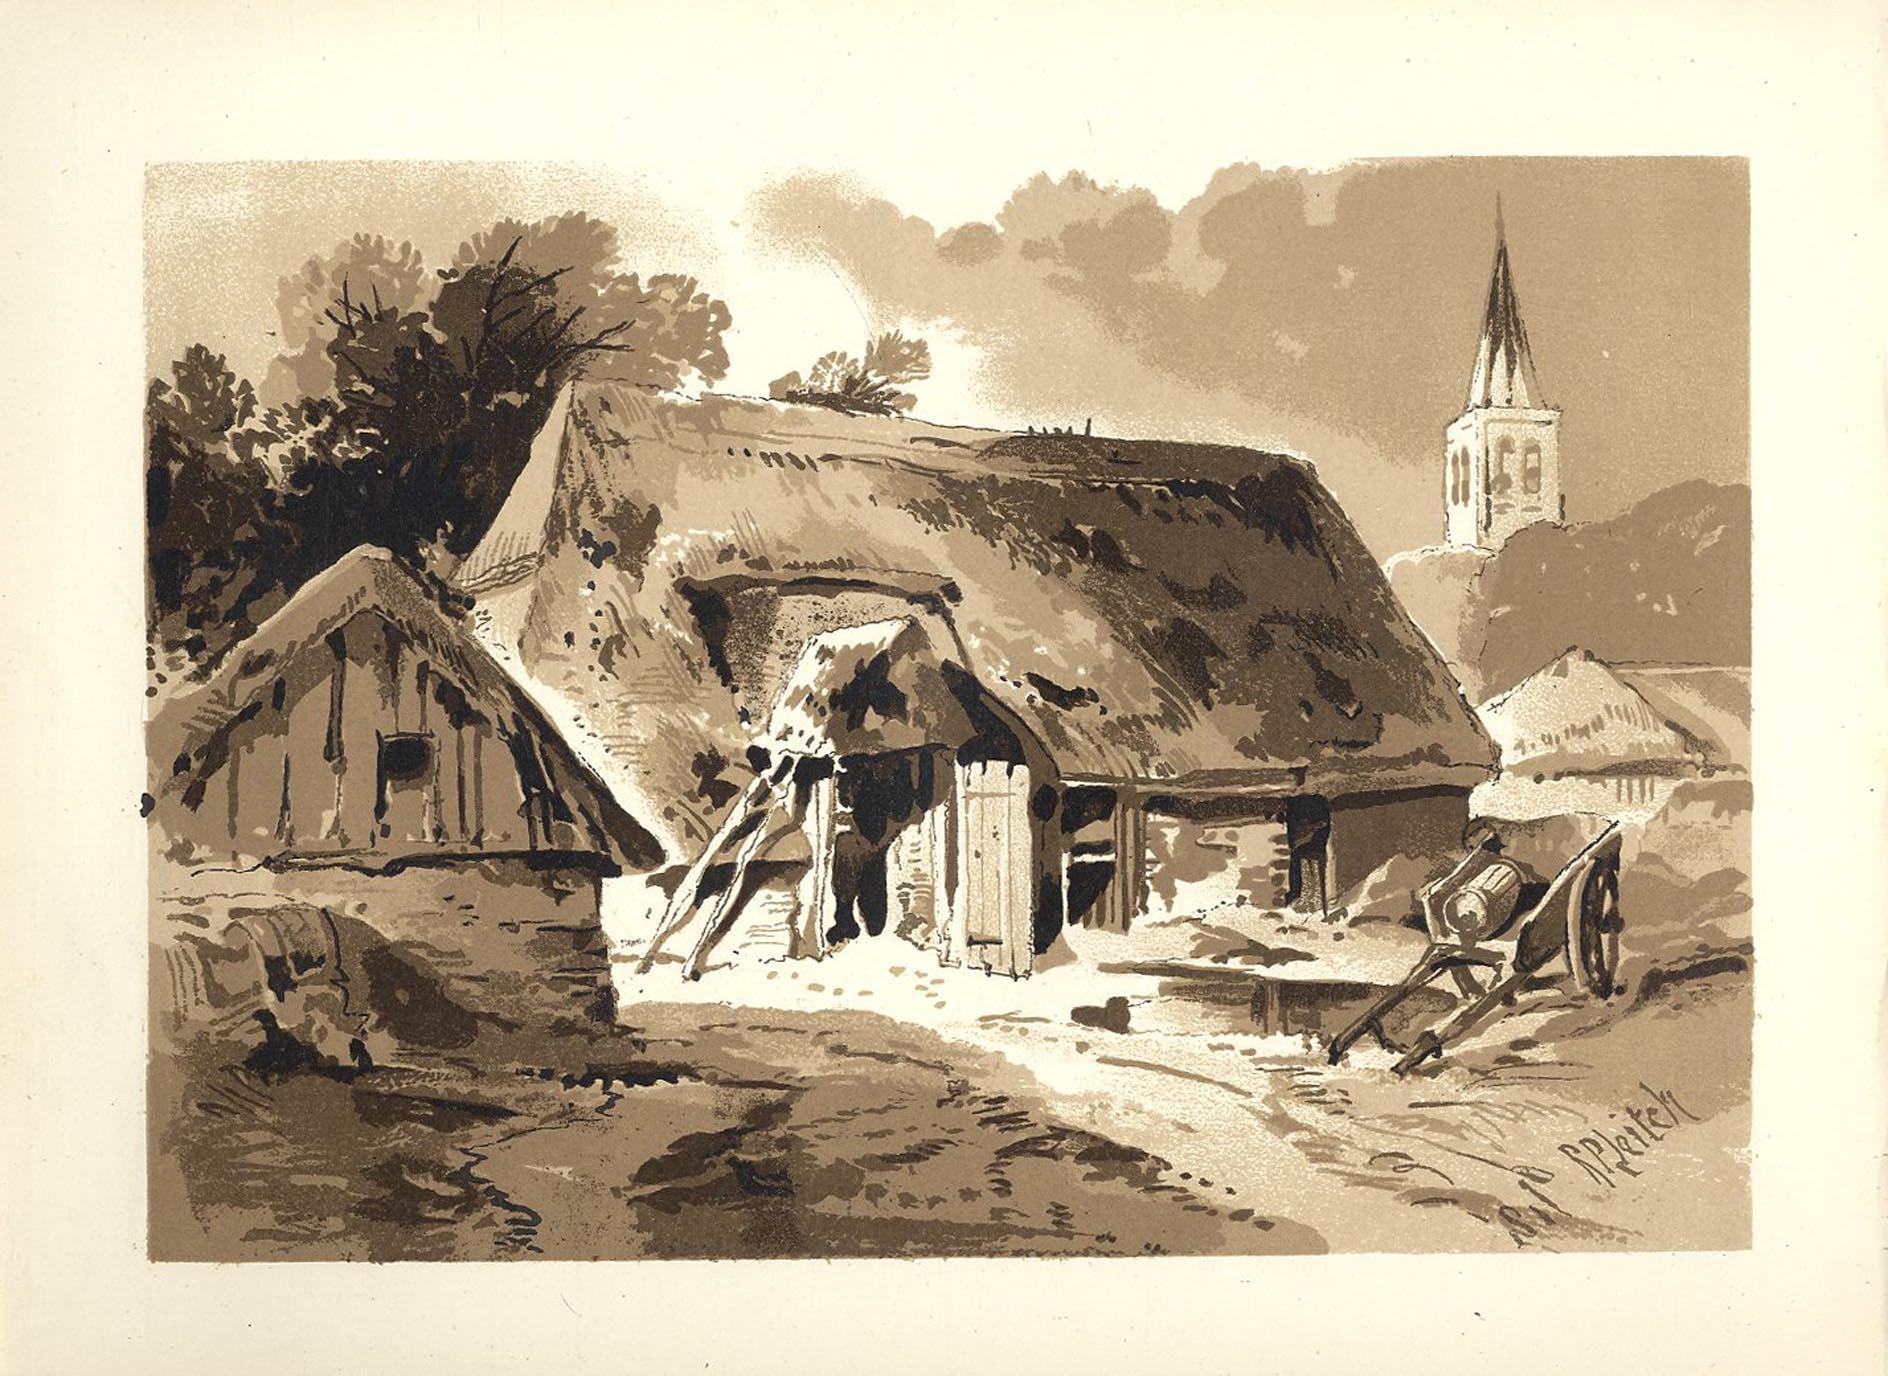 SH602.jpg (1888×1376)